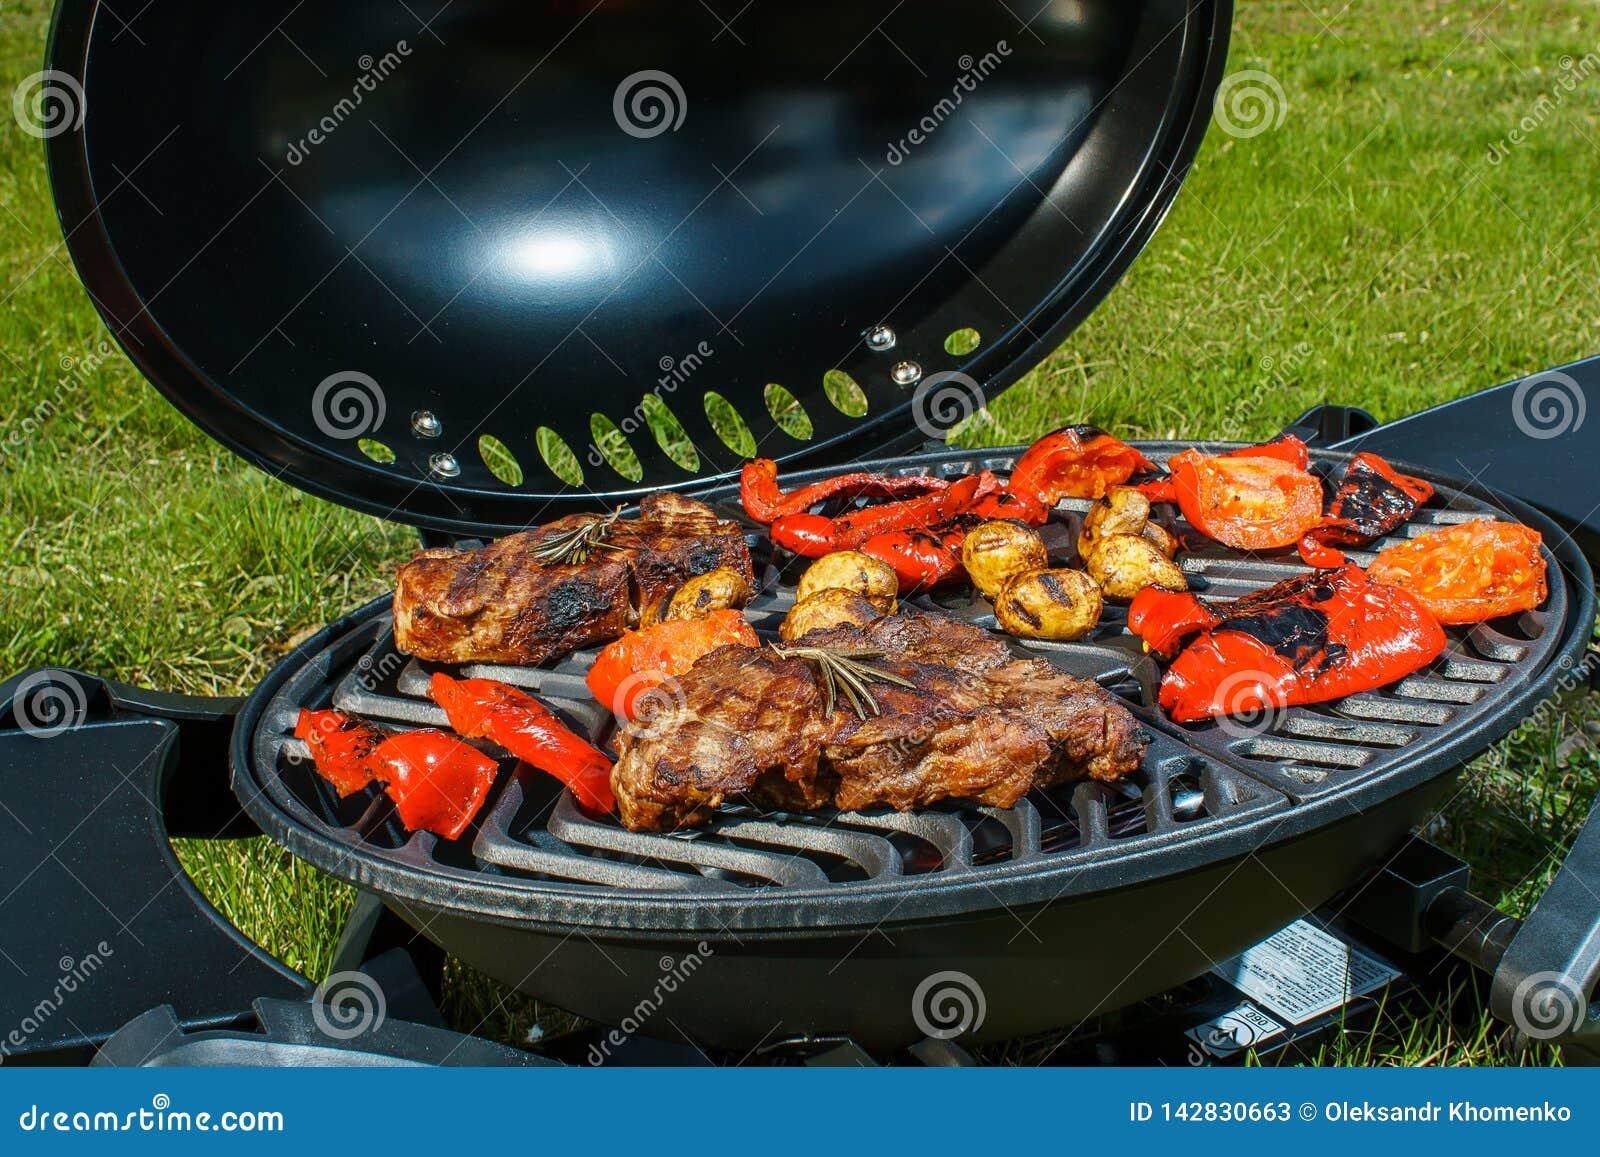 Μπριζόλα βόειου κρέατος και ψημένα στη σχάρα λαχανικά στη φύση